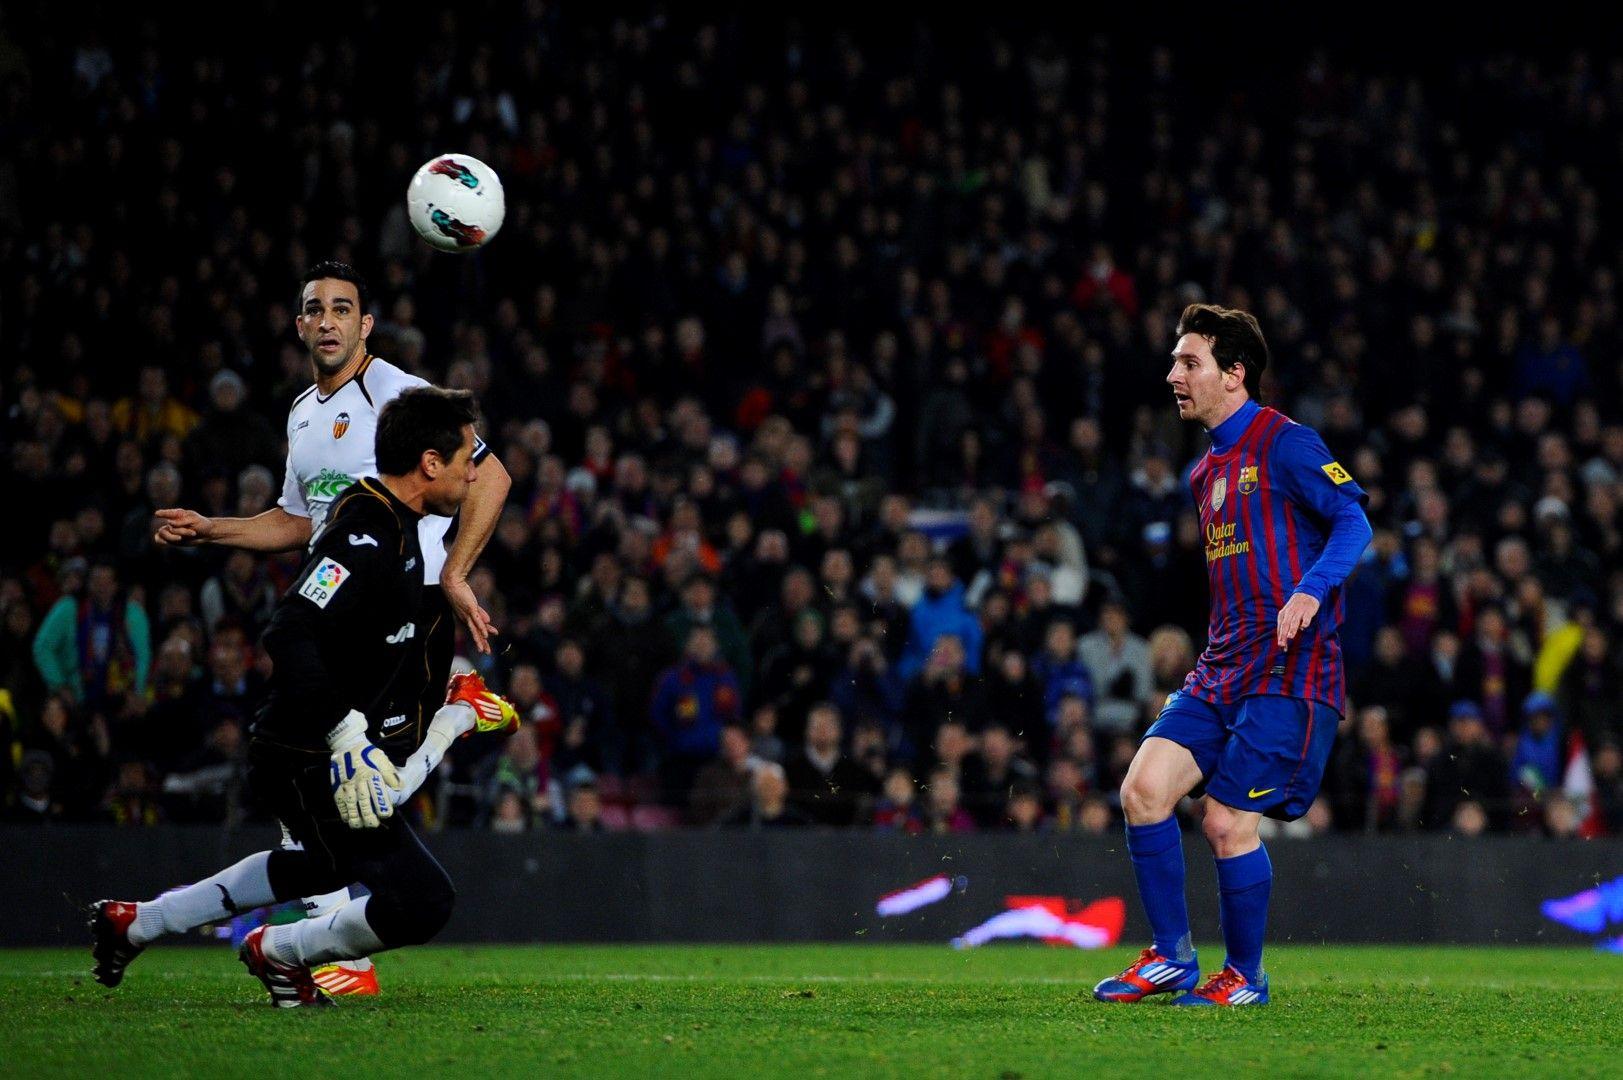 19 февруари 2012 г., Барселона - Валенсия 5:1. Меси нанизва четири гола във вратата на гостите, като сред тях е и попадение №200.